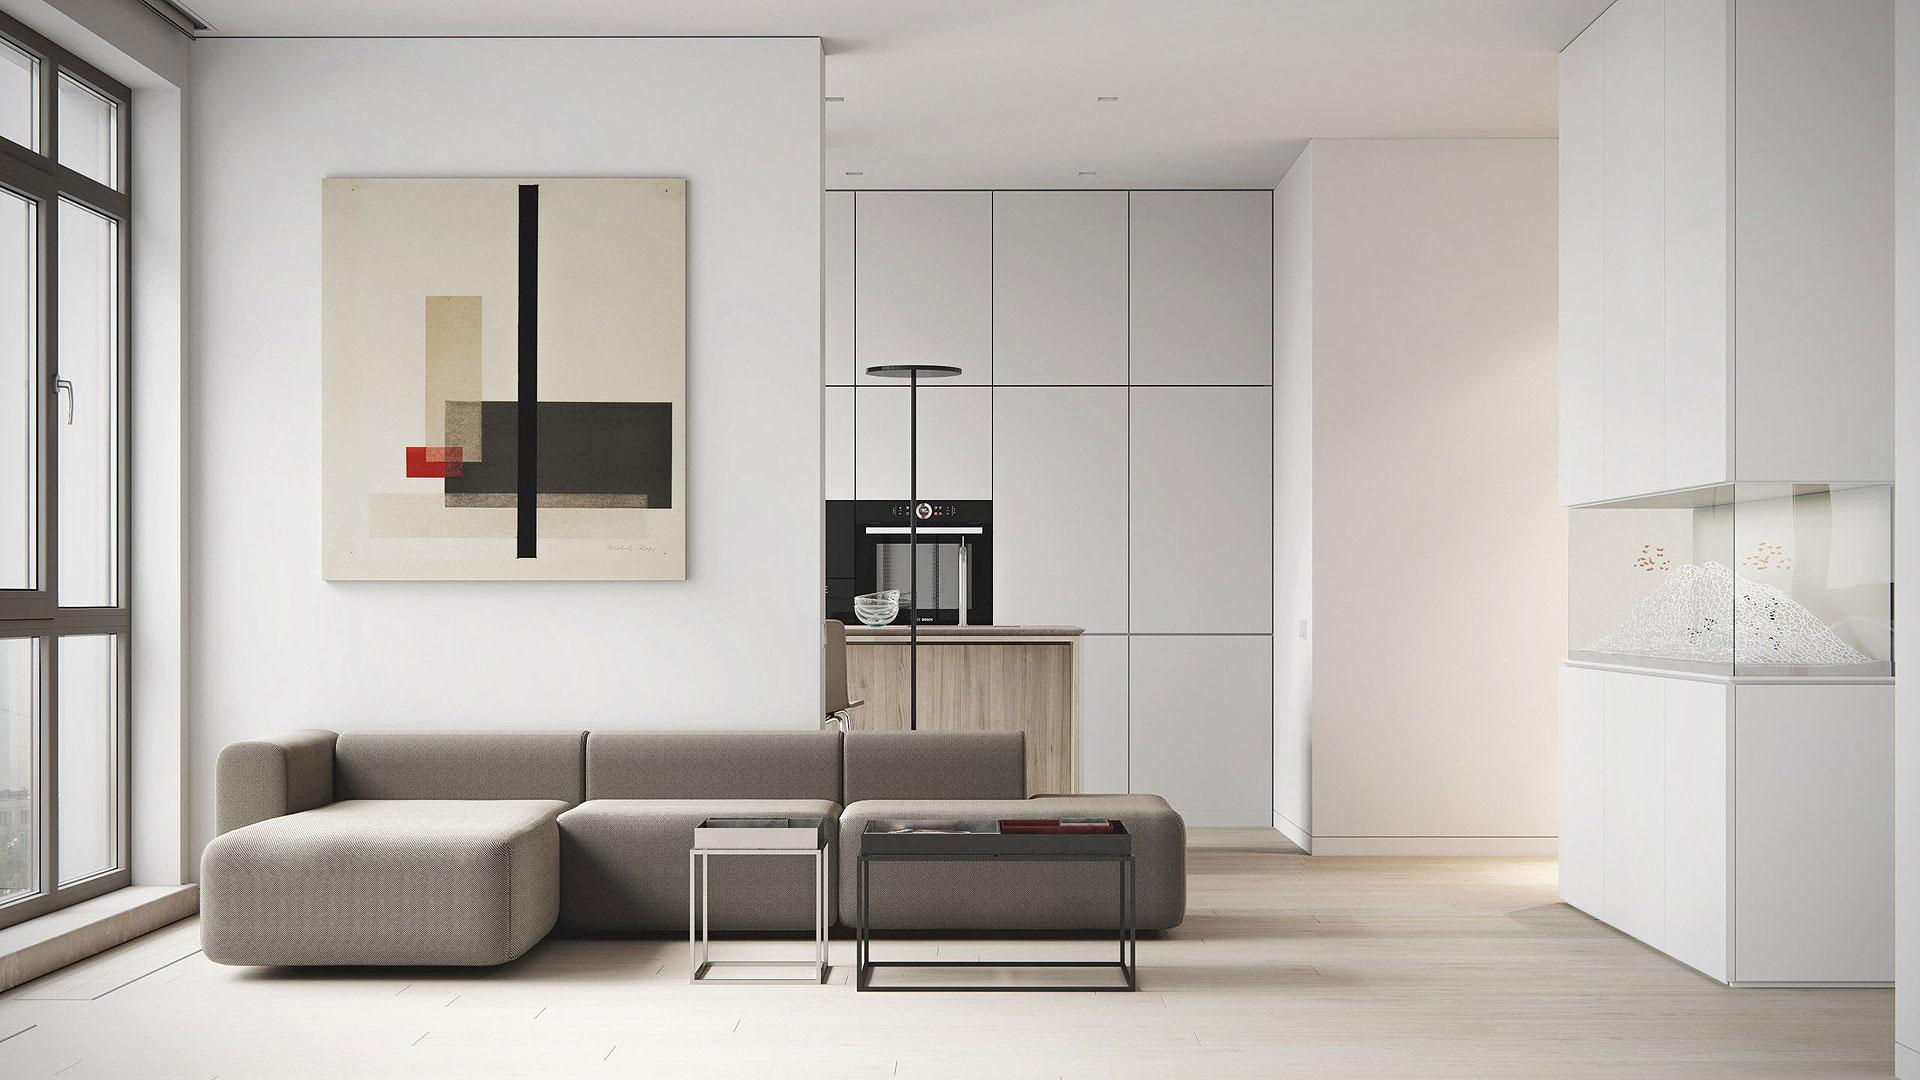 Minimalismo blanco y materiales naturales, por M3 Architects